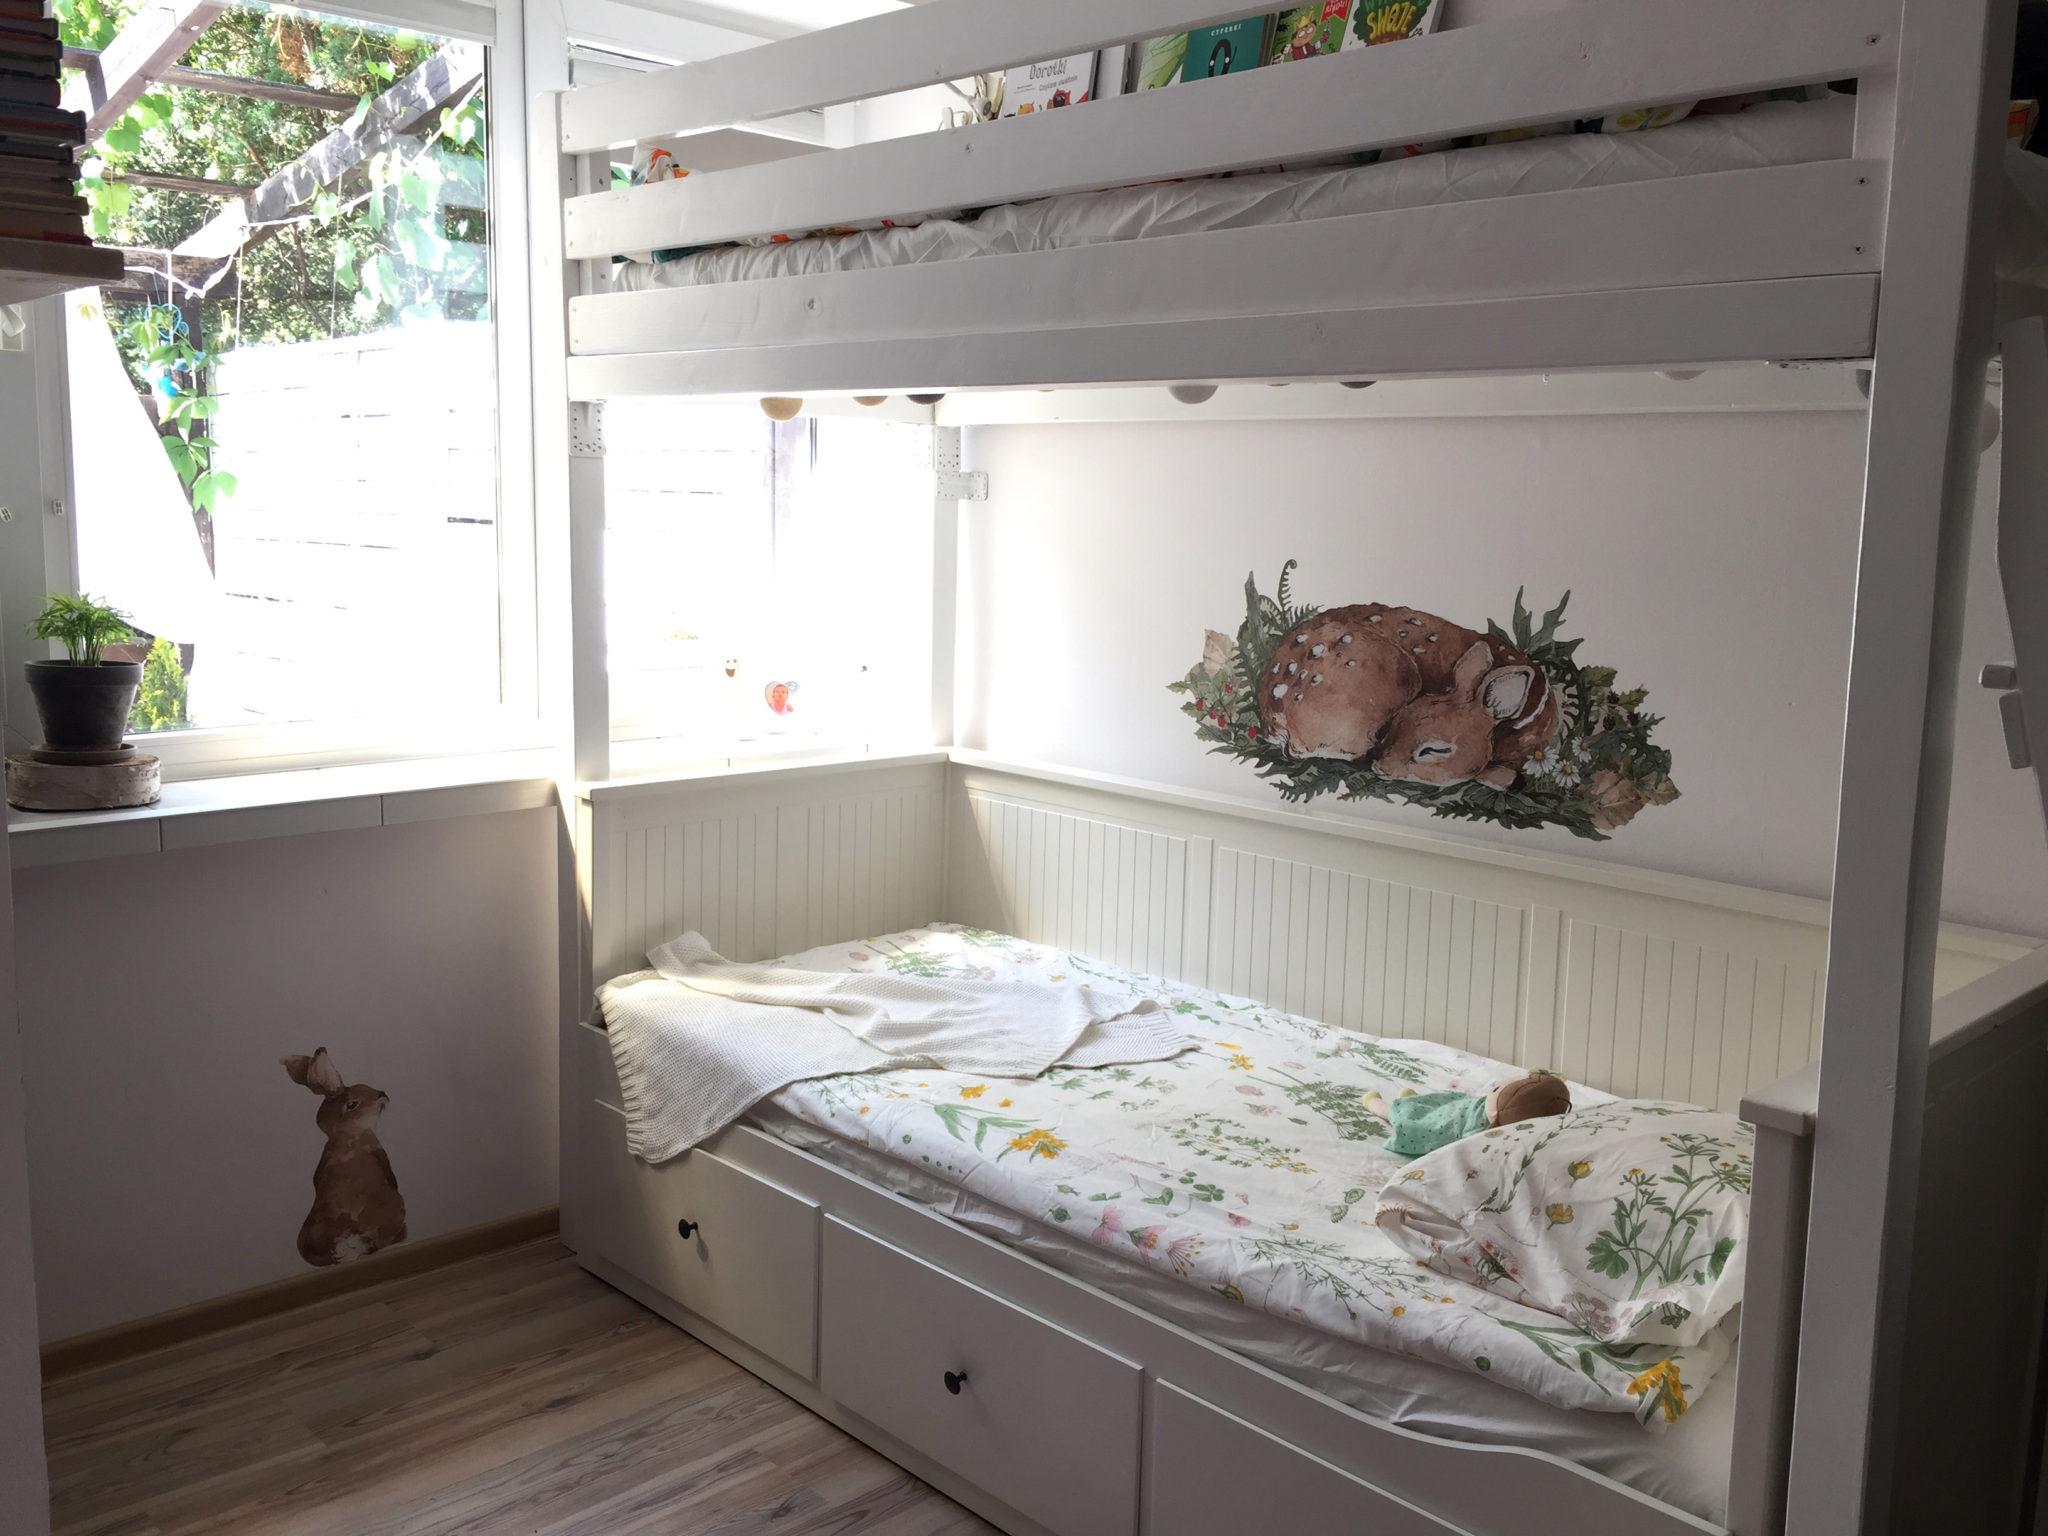 Kliknij w zdjęcie, żeby przejść do królika